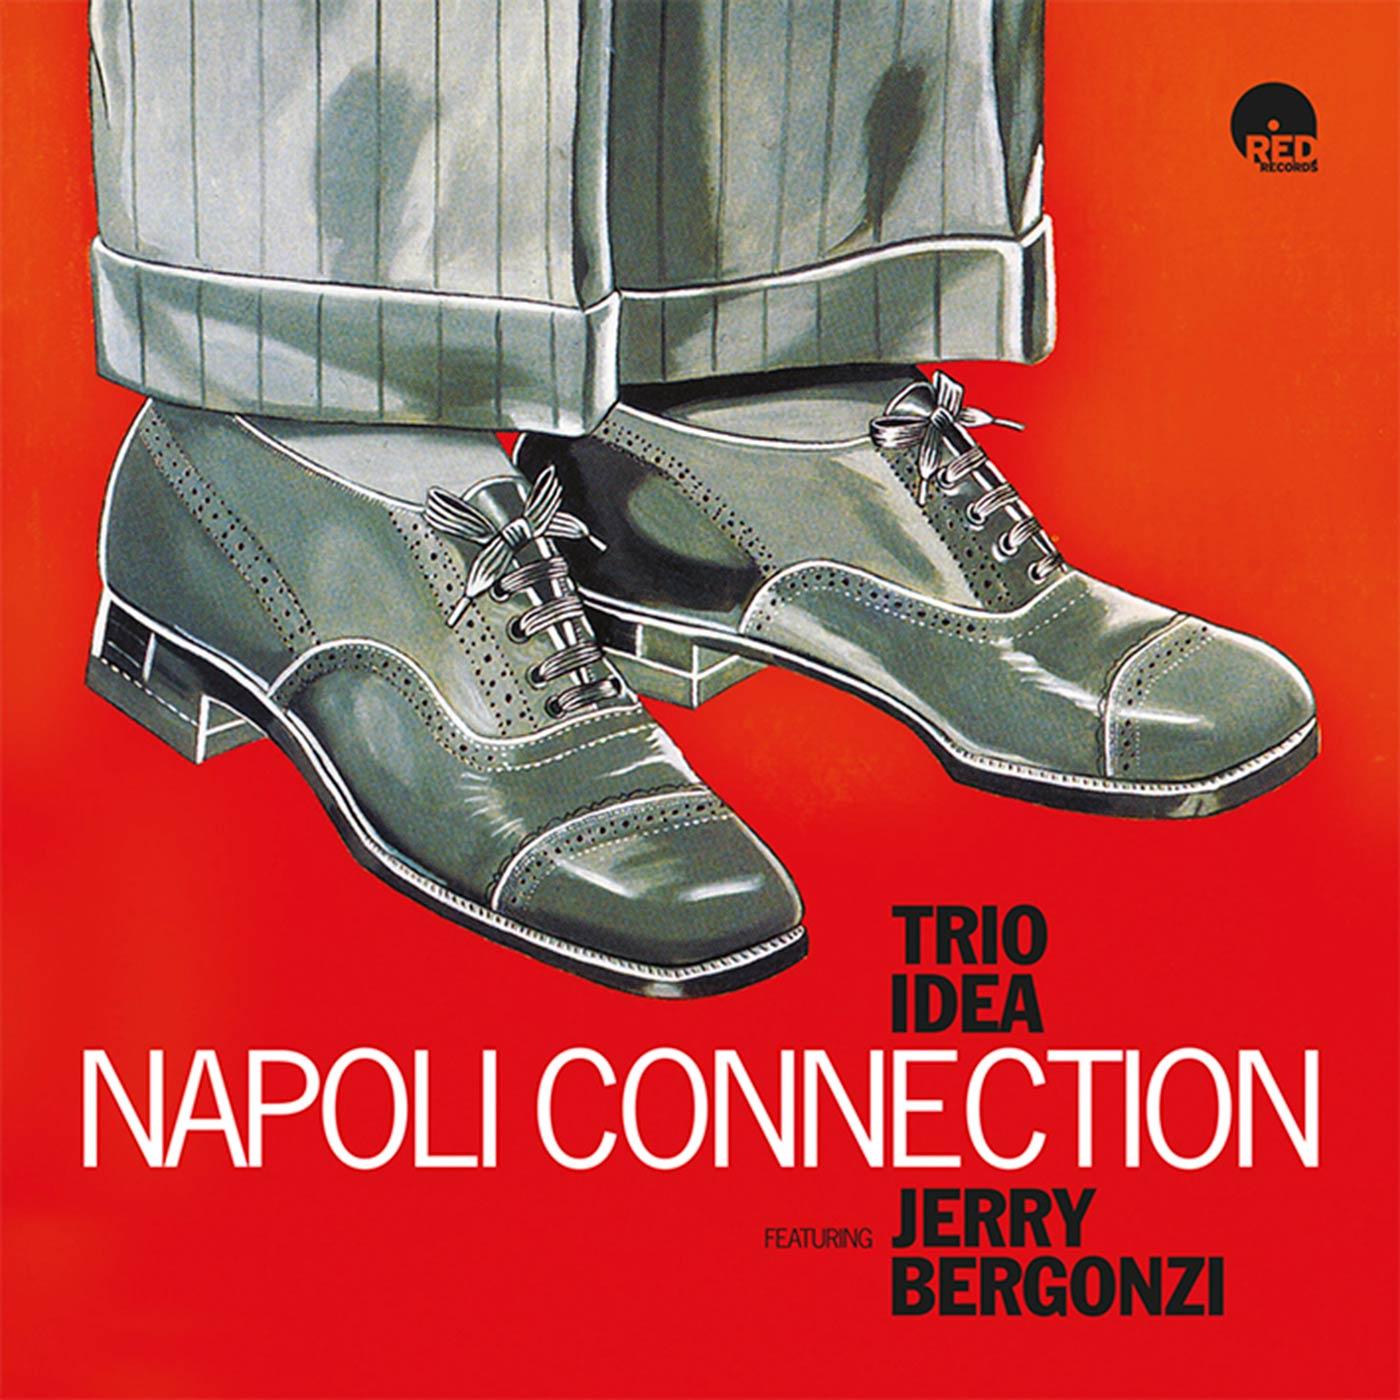 Napoli Connection - Trio Idea Featuring Jerry Bergonzi